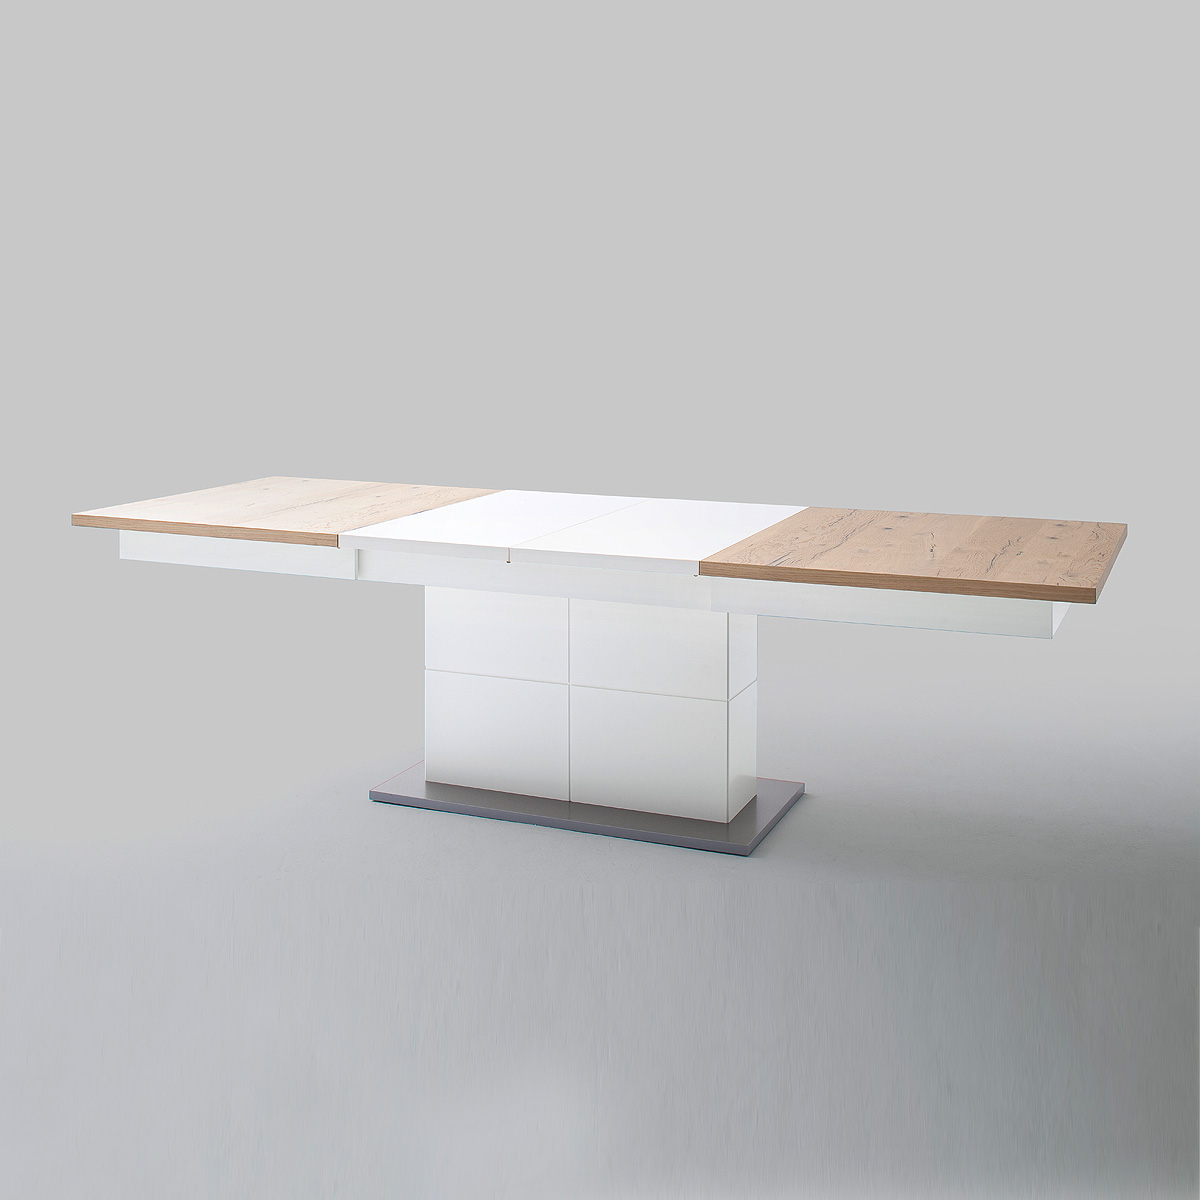 esstisch nizza tisch wei matt lack und crackeiche. Black Bedroom Furniture Sets. Home Design Ideas